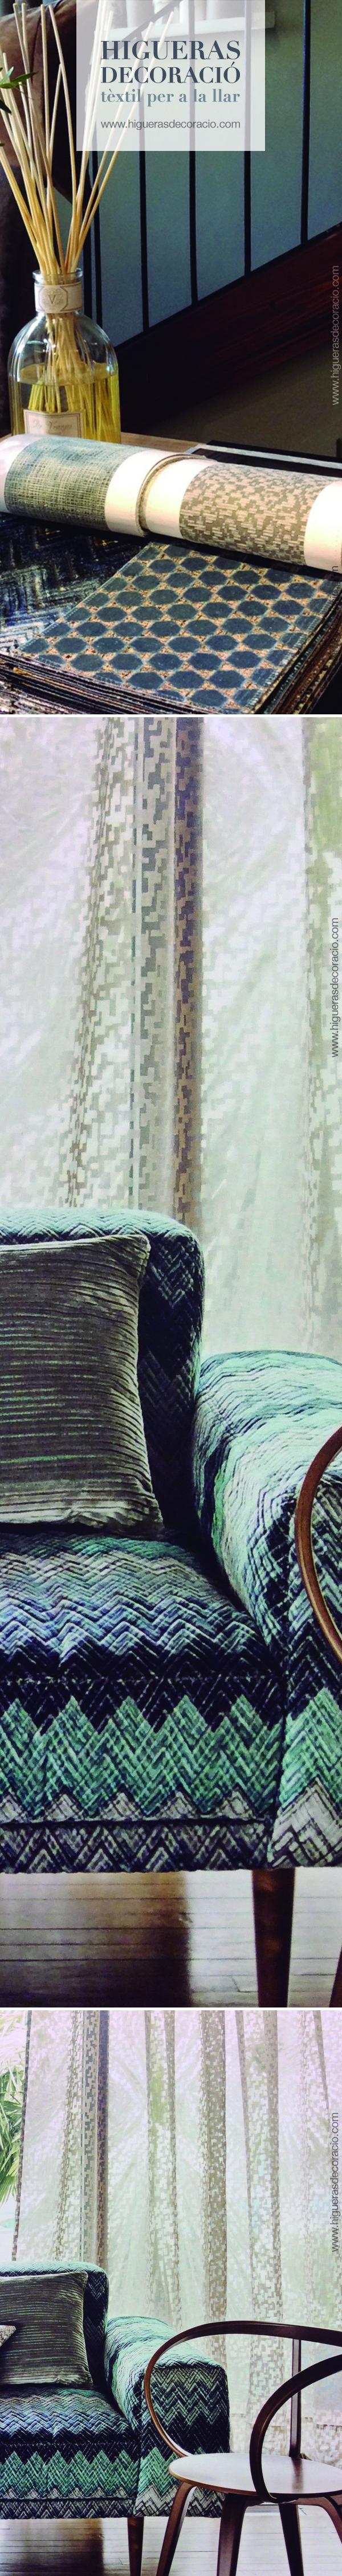 complementa una estancia con elementos decorativos diferentes pero con en la misma gama de color